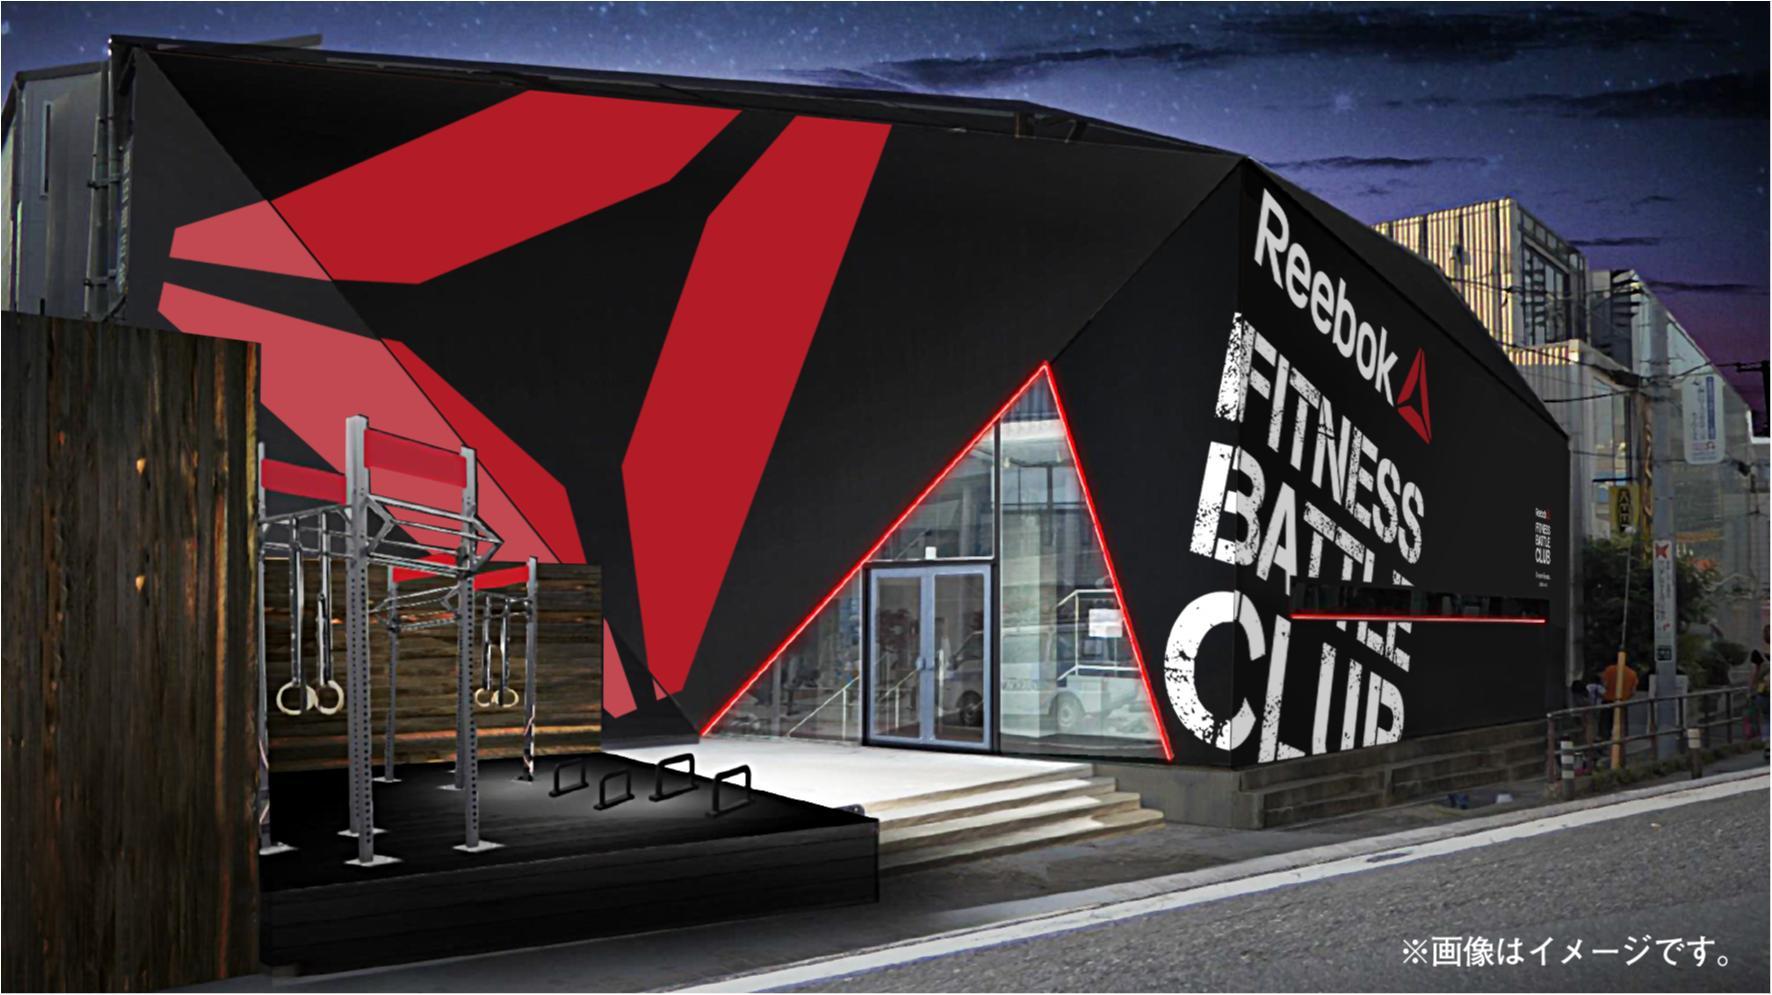 『リーボック』が期間限定で複合型フィットネス施設をオープン! 今すぐ予約しよう☆_1